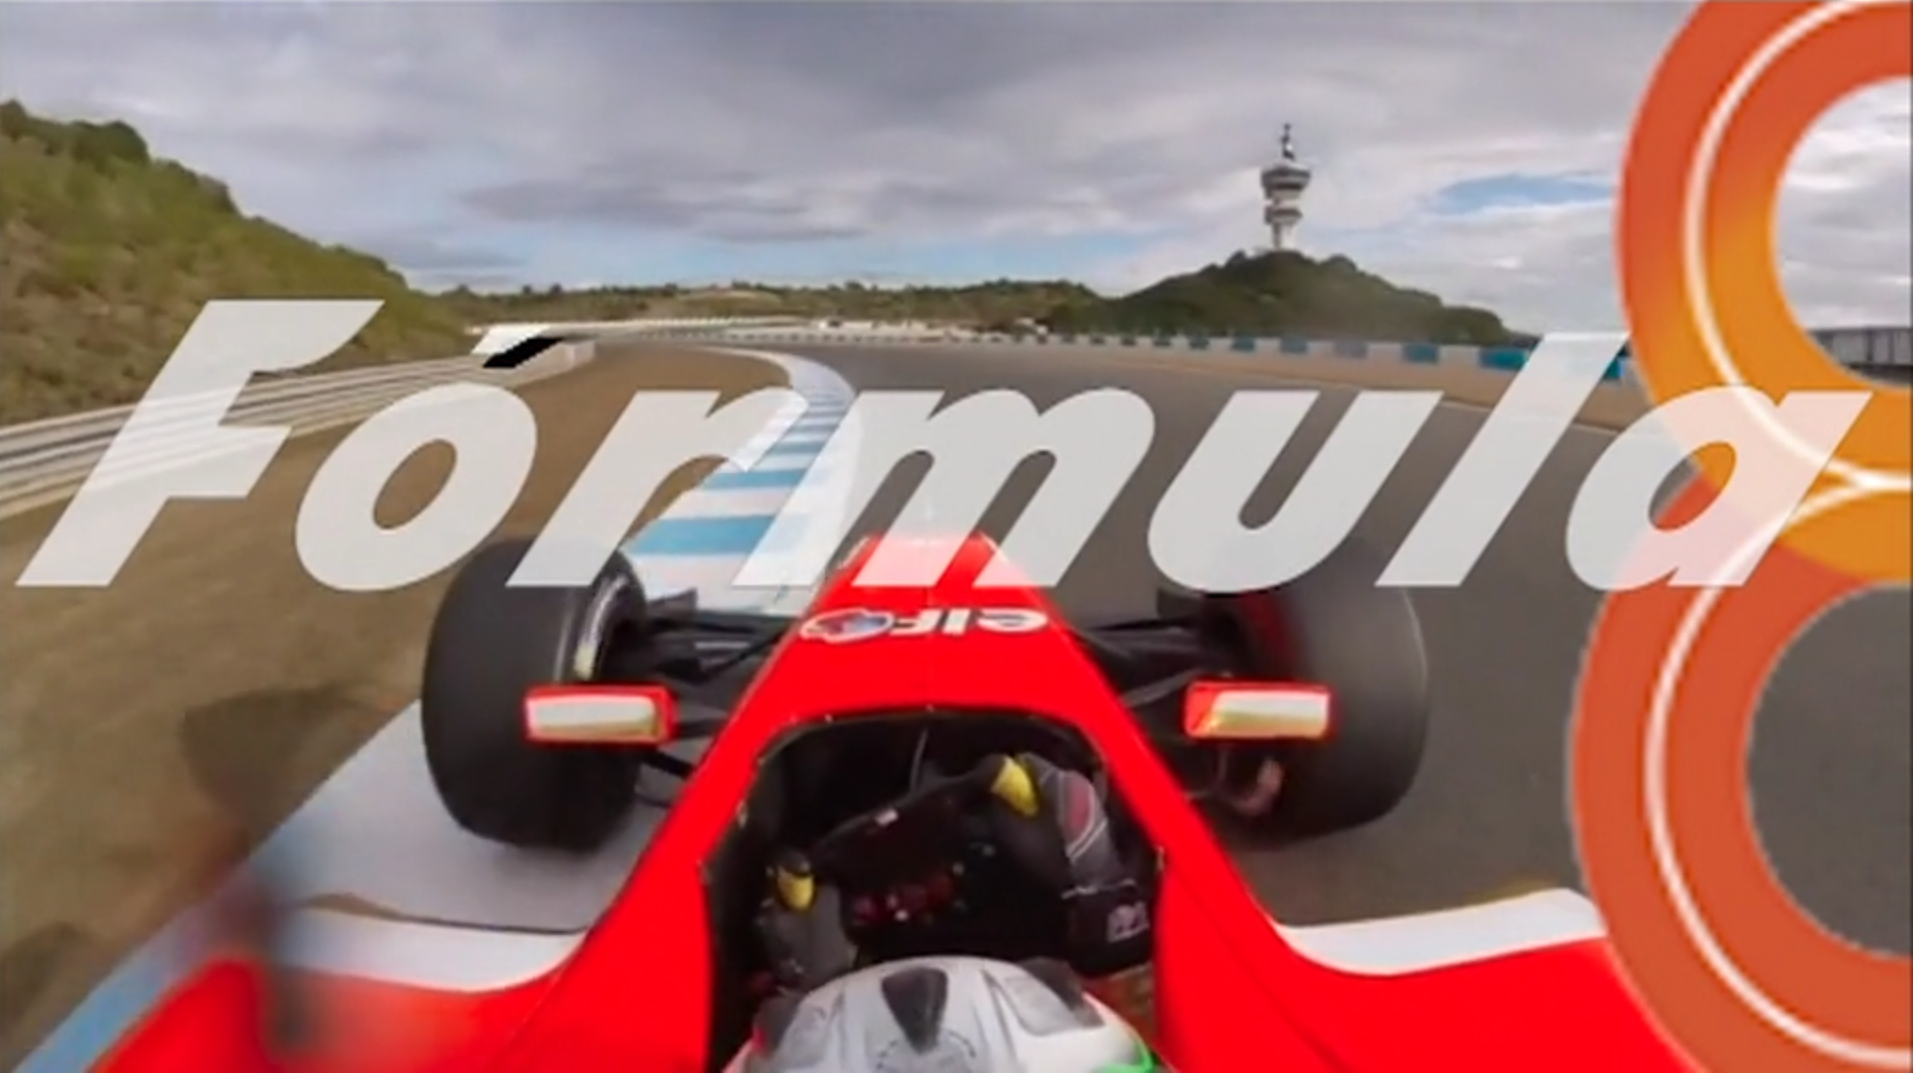 Fórmula 8 Jueves 12 Marzo 2020 (primera parte)